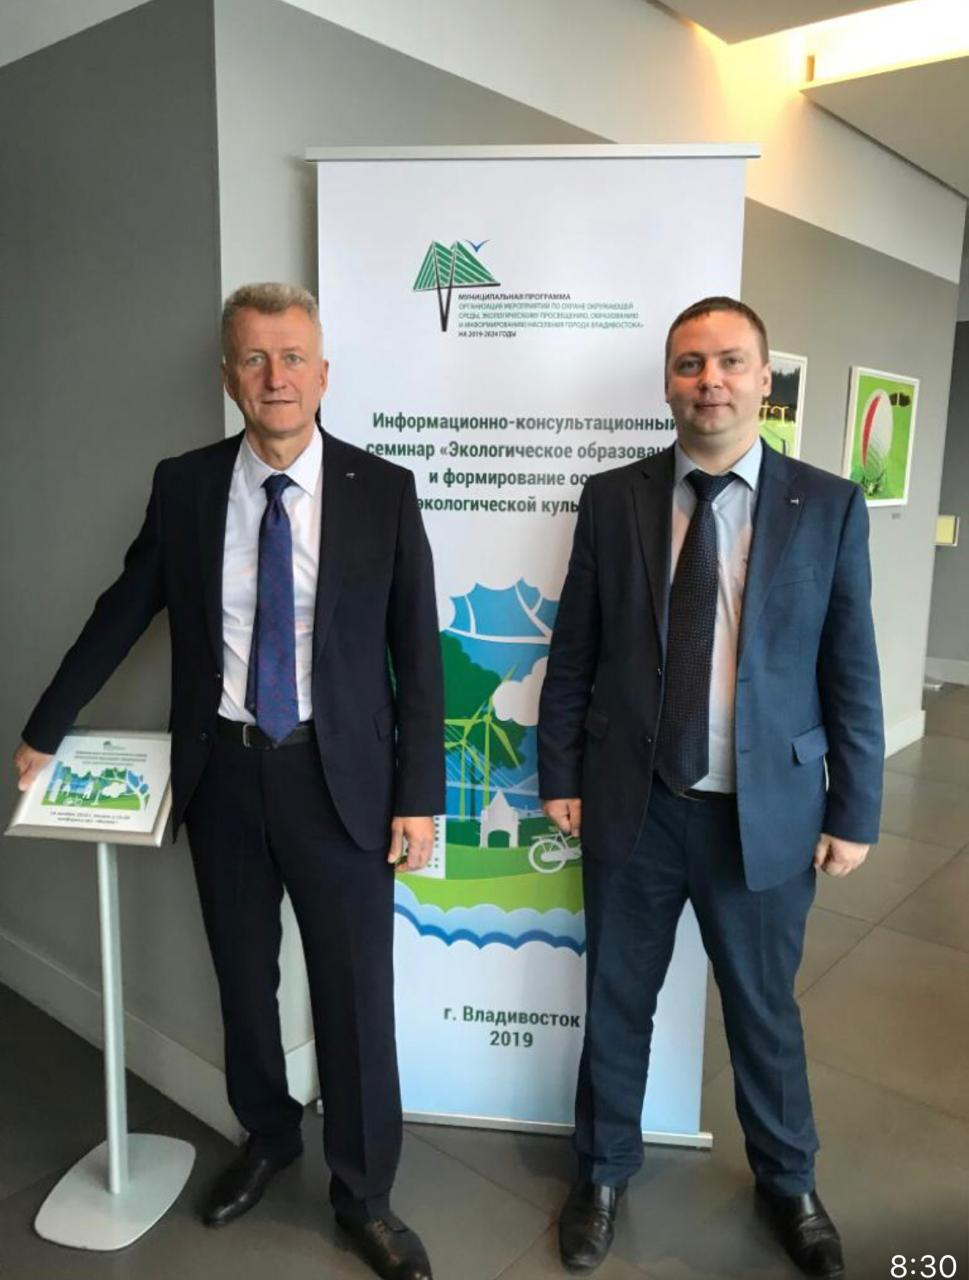 Опят озеленение городов во Владивостоке